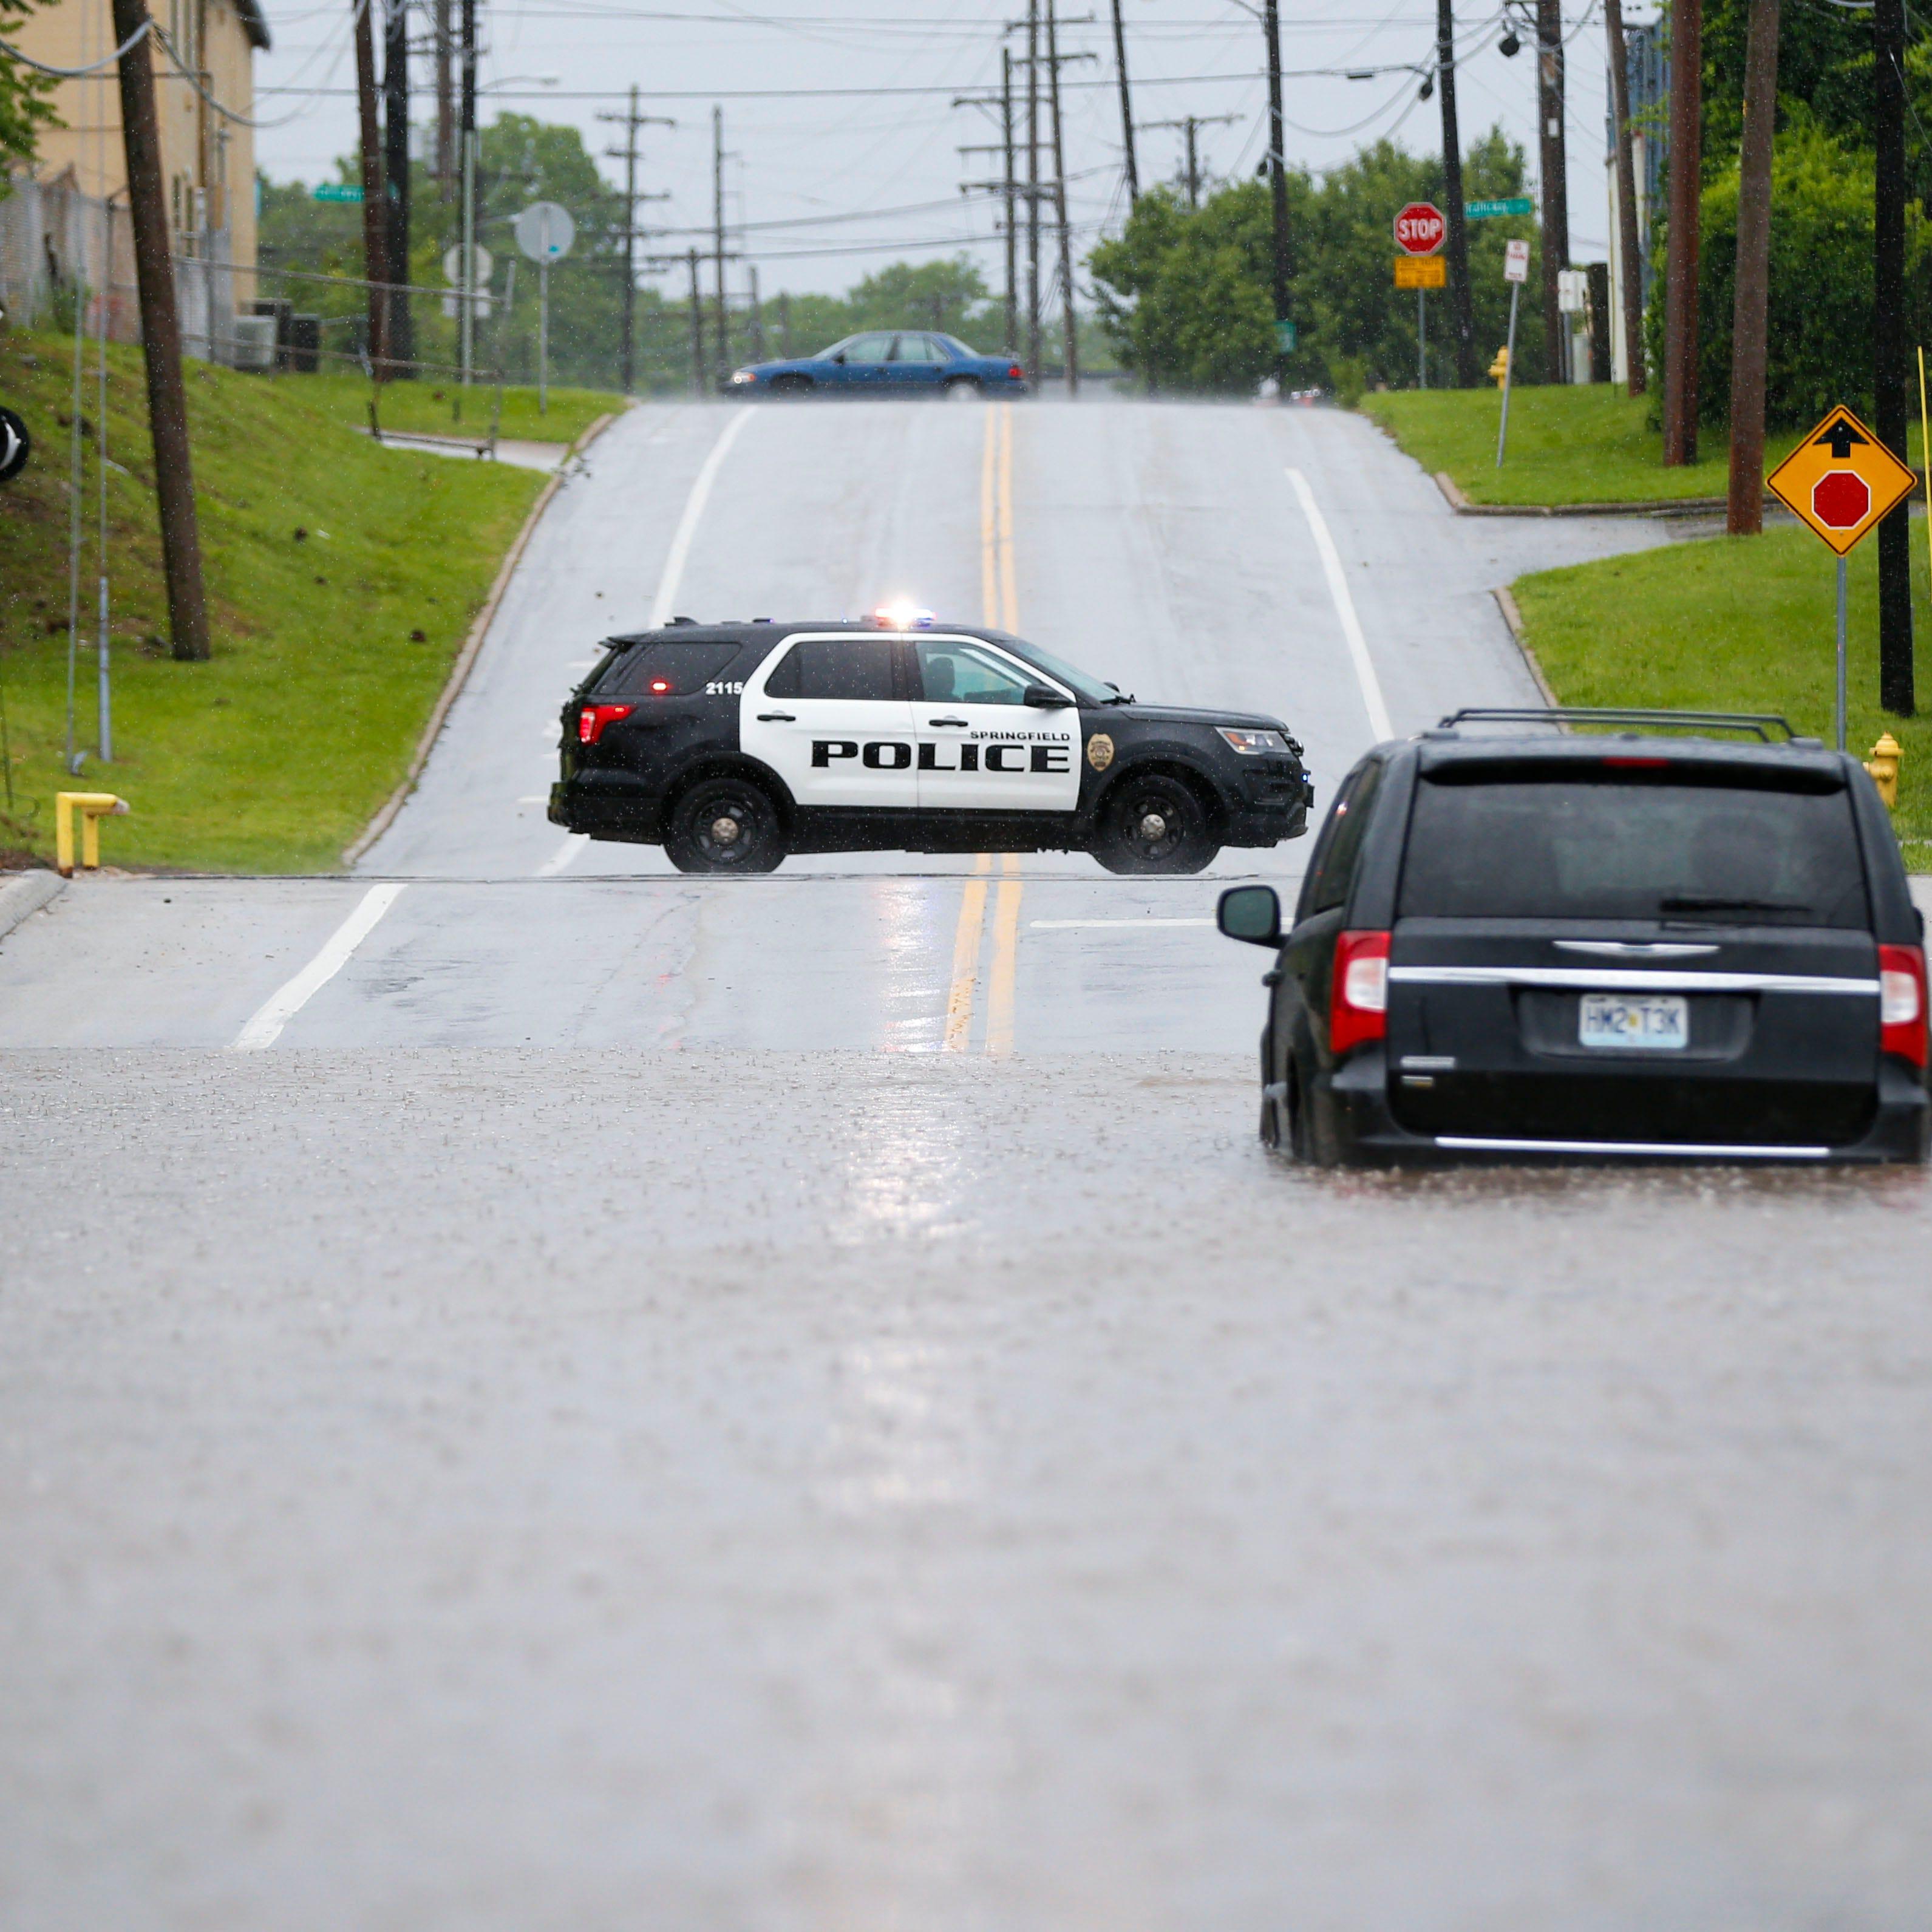 Tornado, flooding reported as storm moves through Ozarks